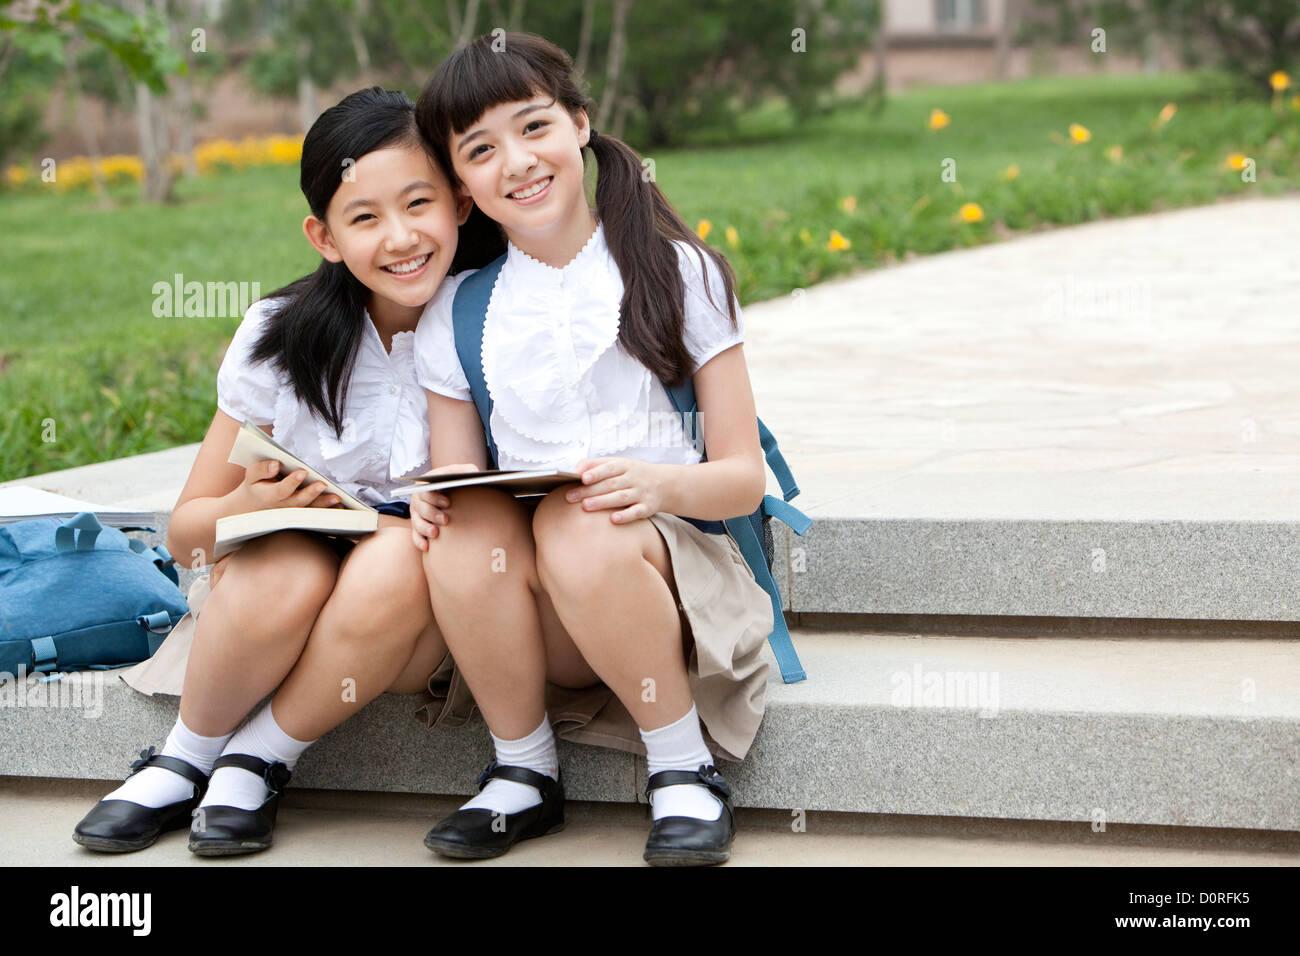 e26eabdce Las colegialas sentado en pasos con libros sonriendo felizmente ...